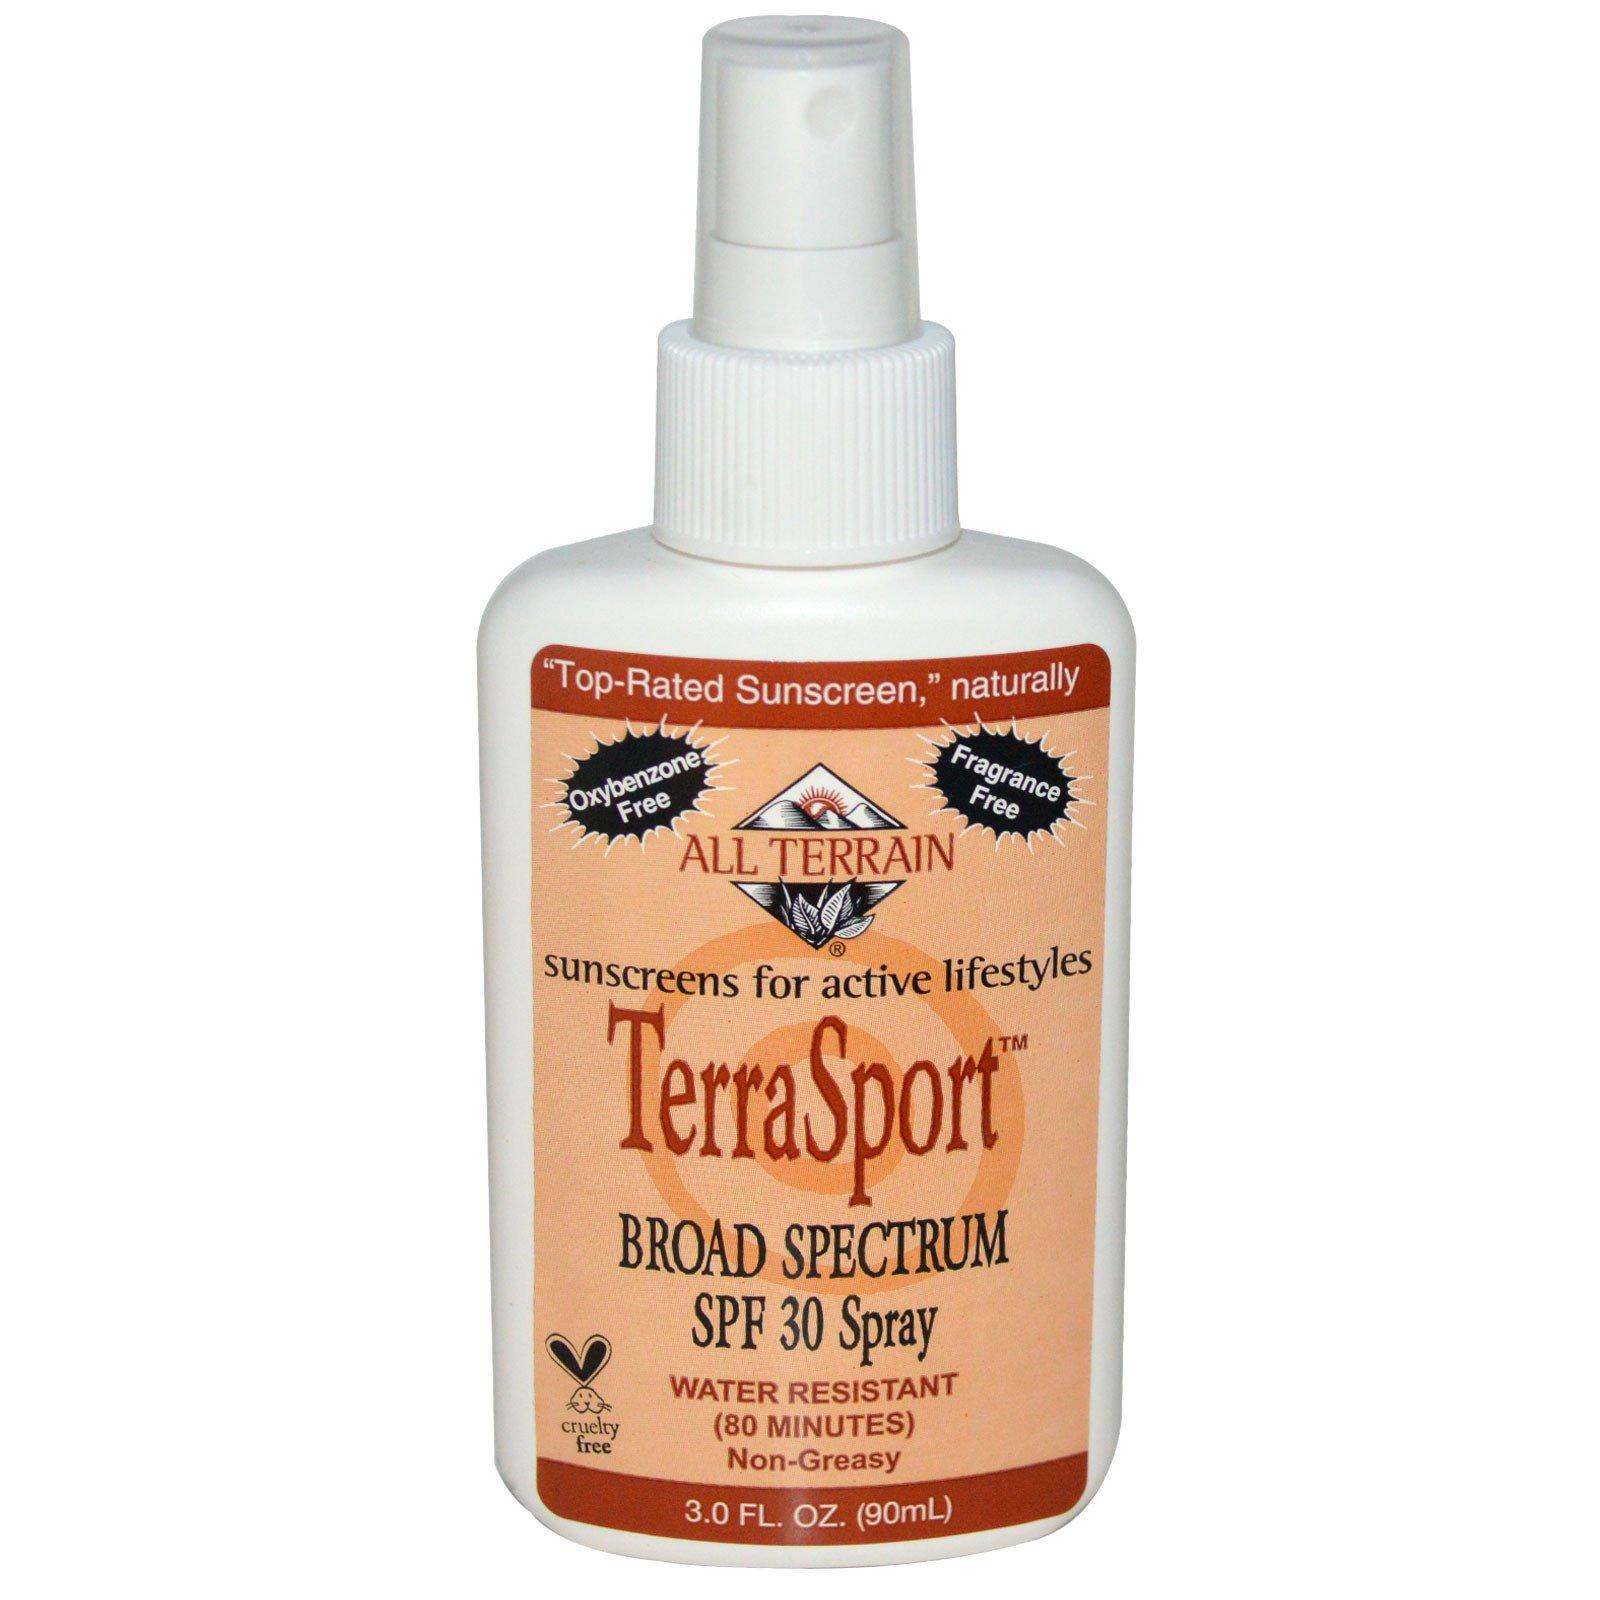 All Terrain, Терраспорт, солнцезащитный крем широкого спектра SPF 30 спрей, 90 мл (3,0 жидкие унции)